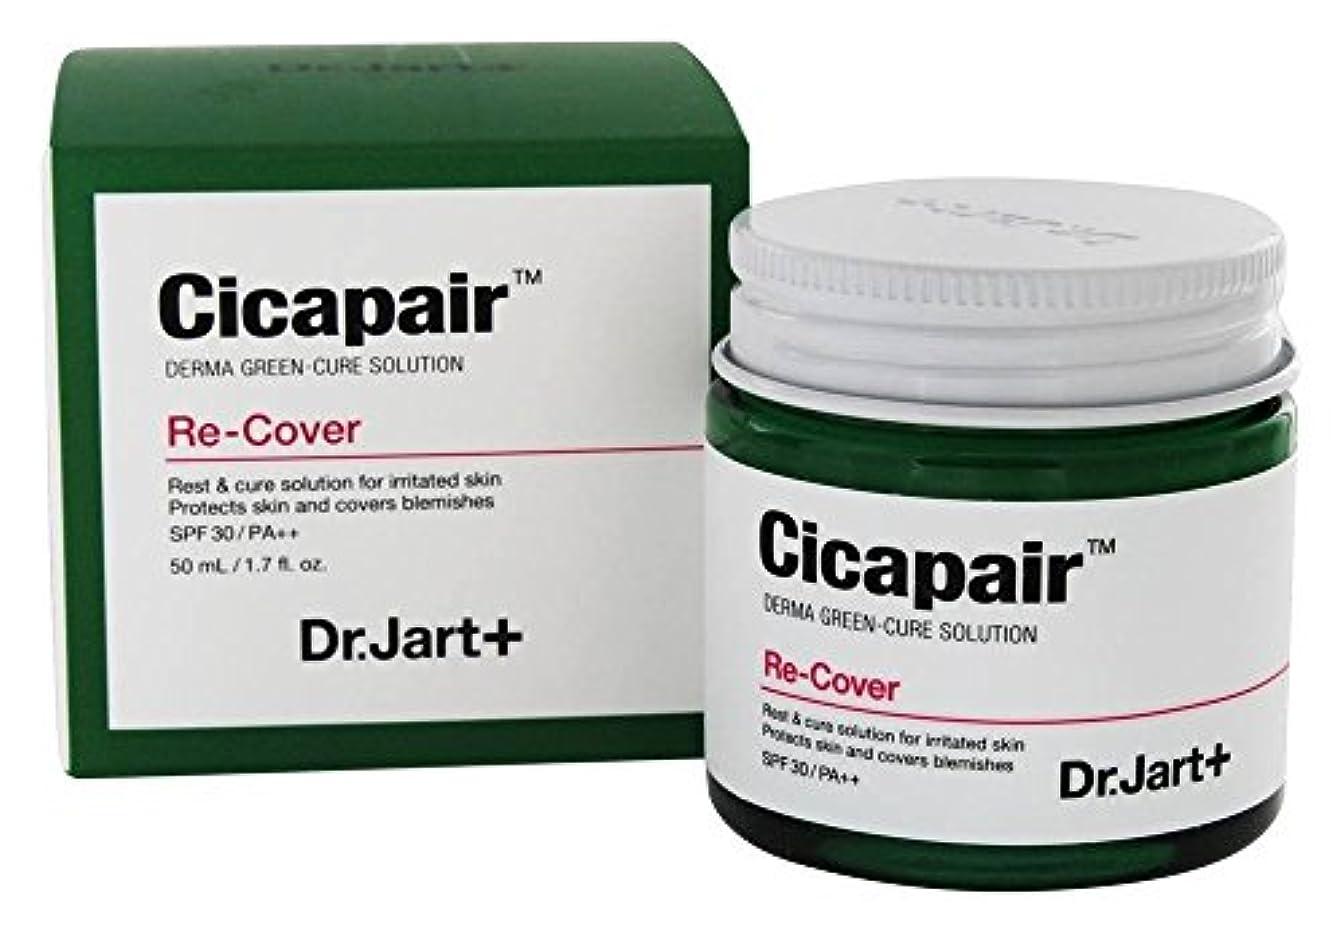 恥ずかしさ小道具燃やすDr. Jart+ Cicapair Derma Green-Cure Solution Recover Cream 50ml [並行輸入品]